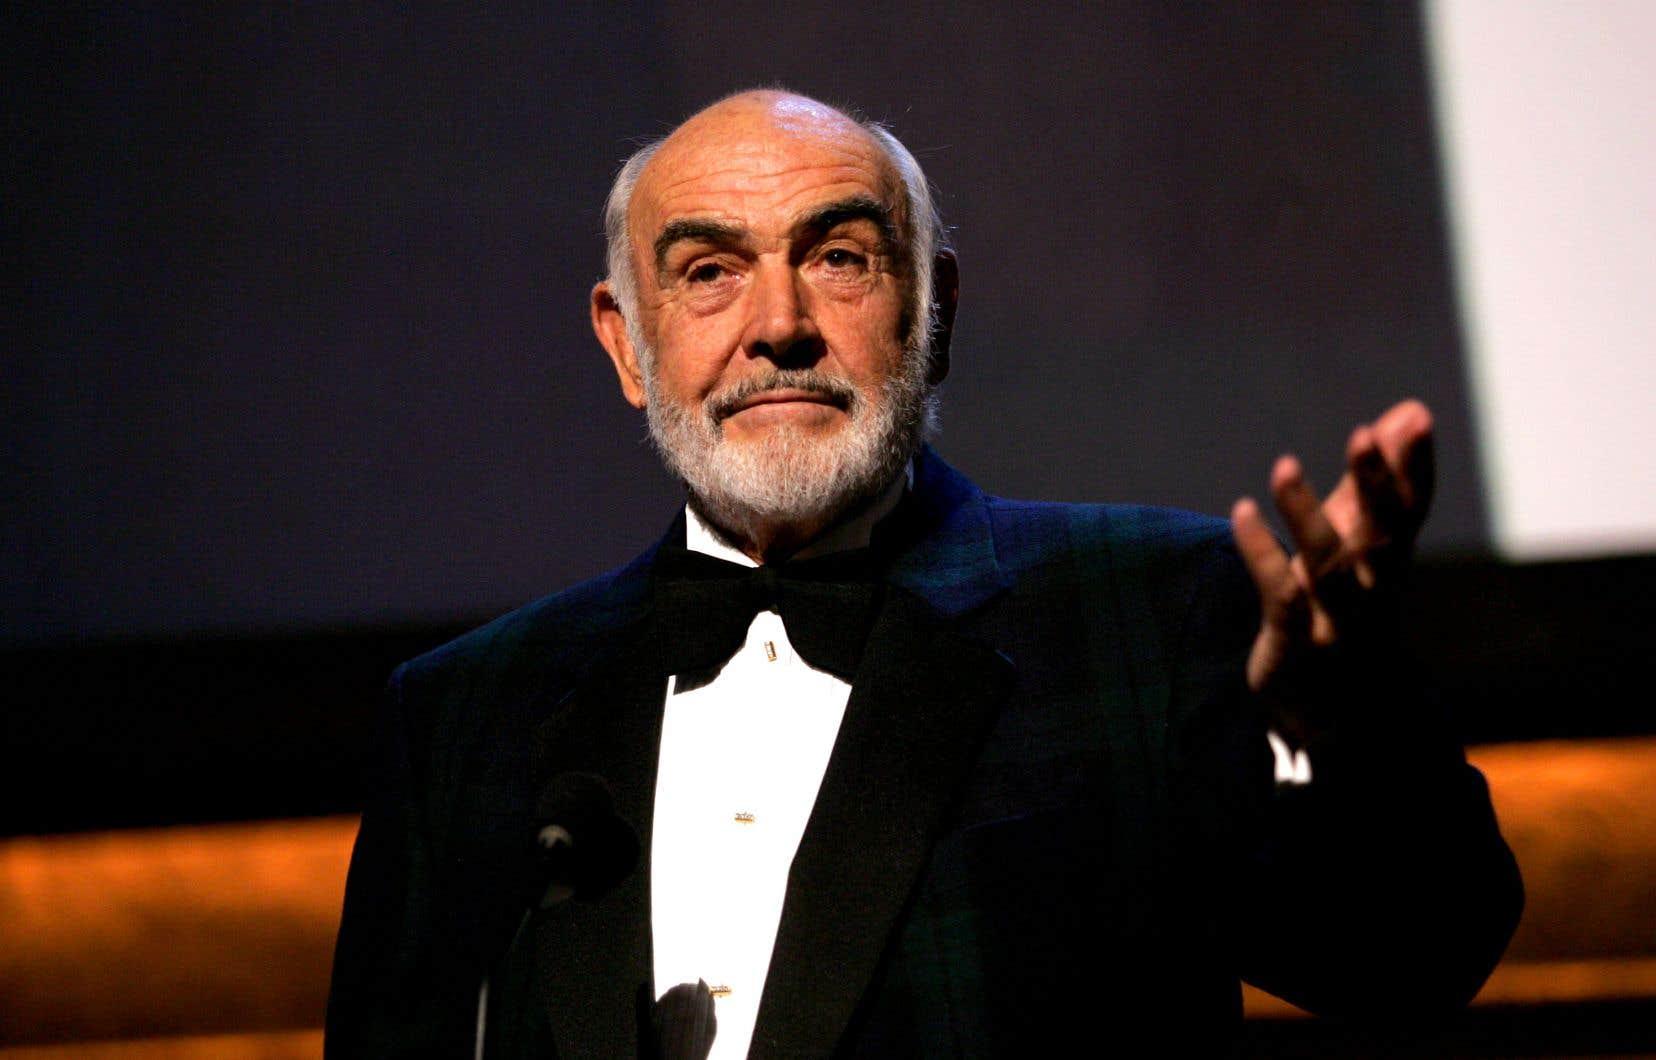 Le légendaire interprète des premiers James Bond, Sean Connery